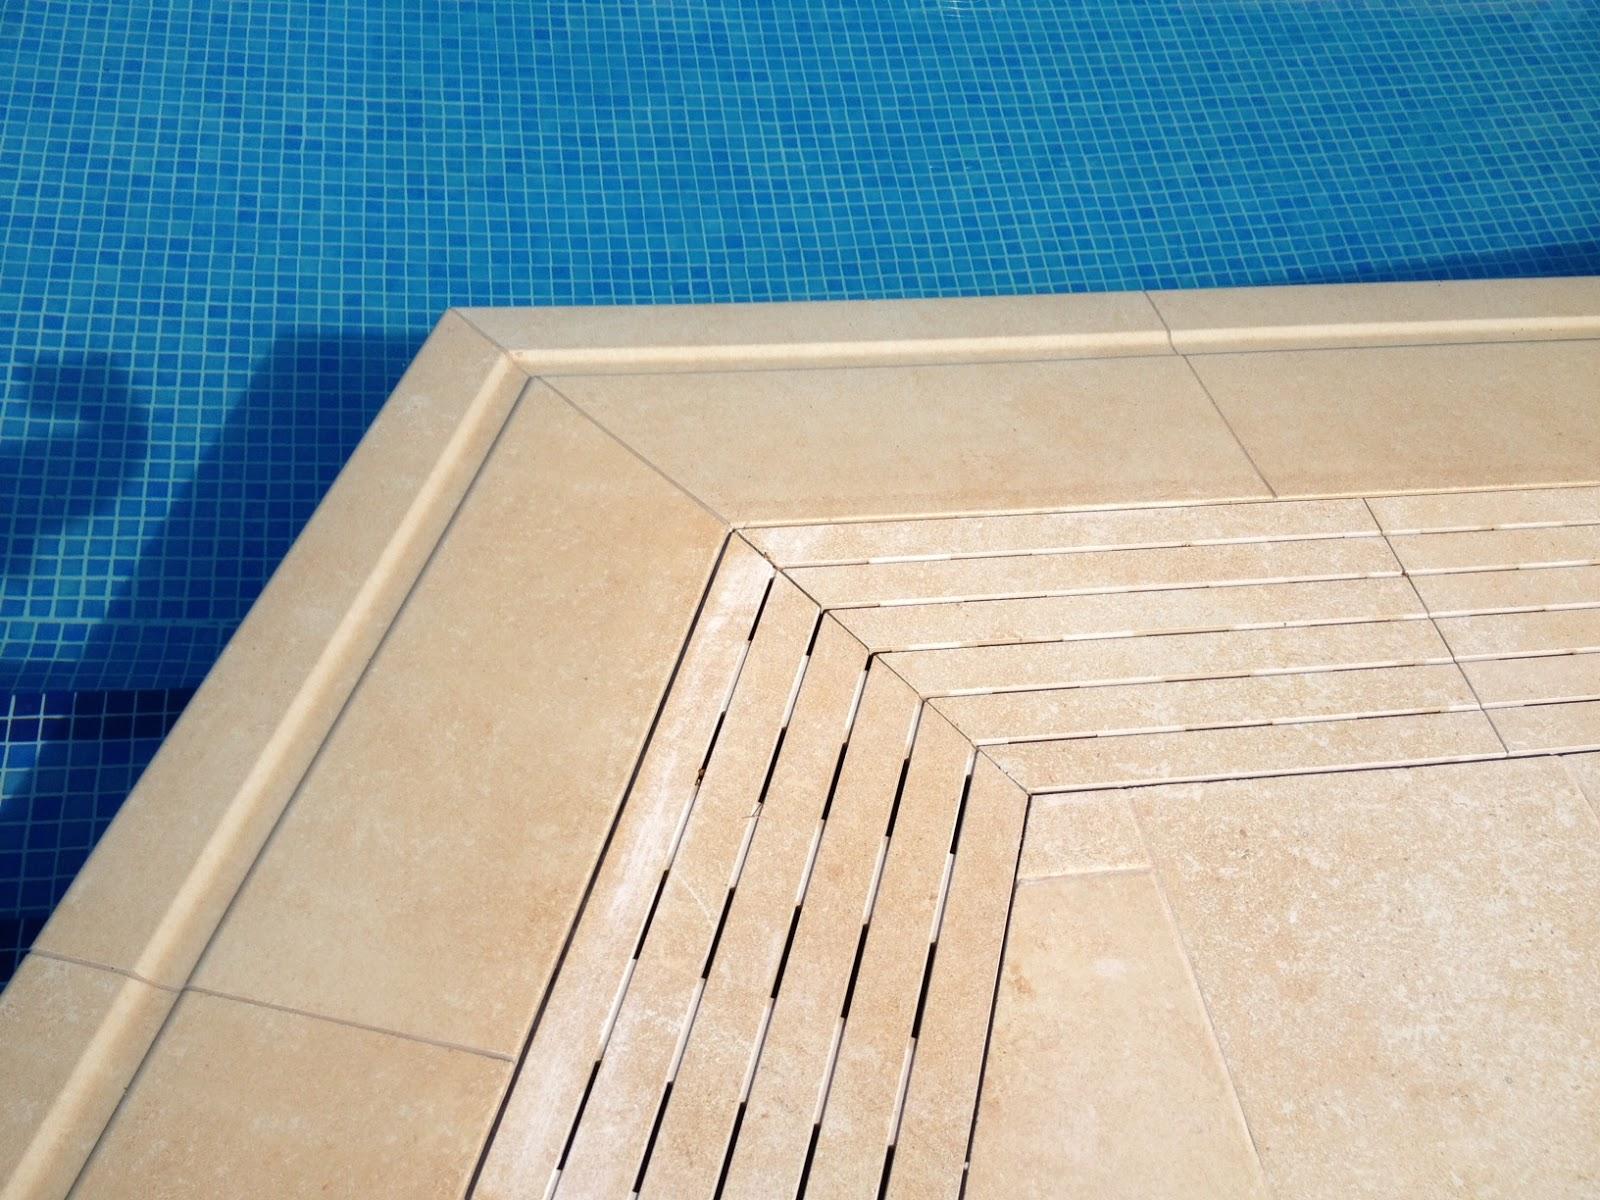 Rosa gres elegante piscina residencial con sistema for Que piscina es mejor